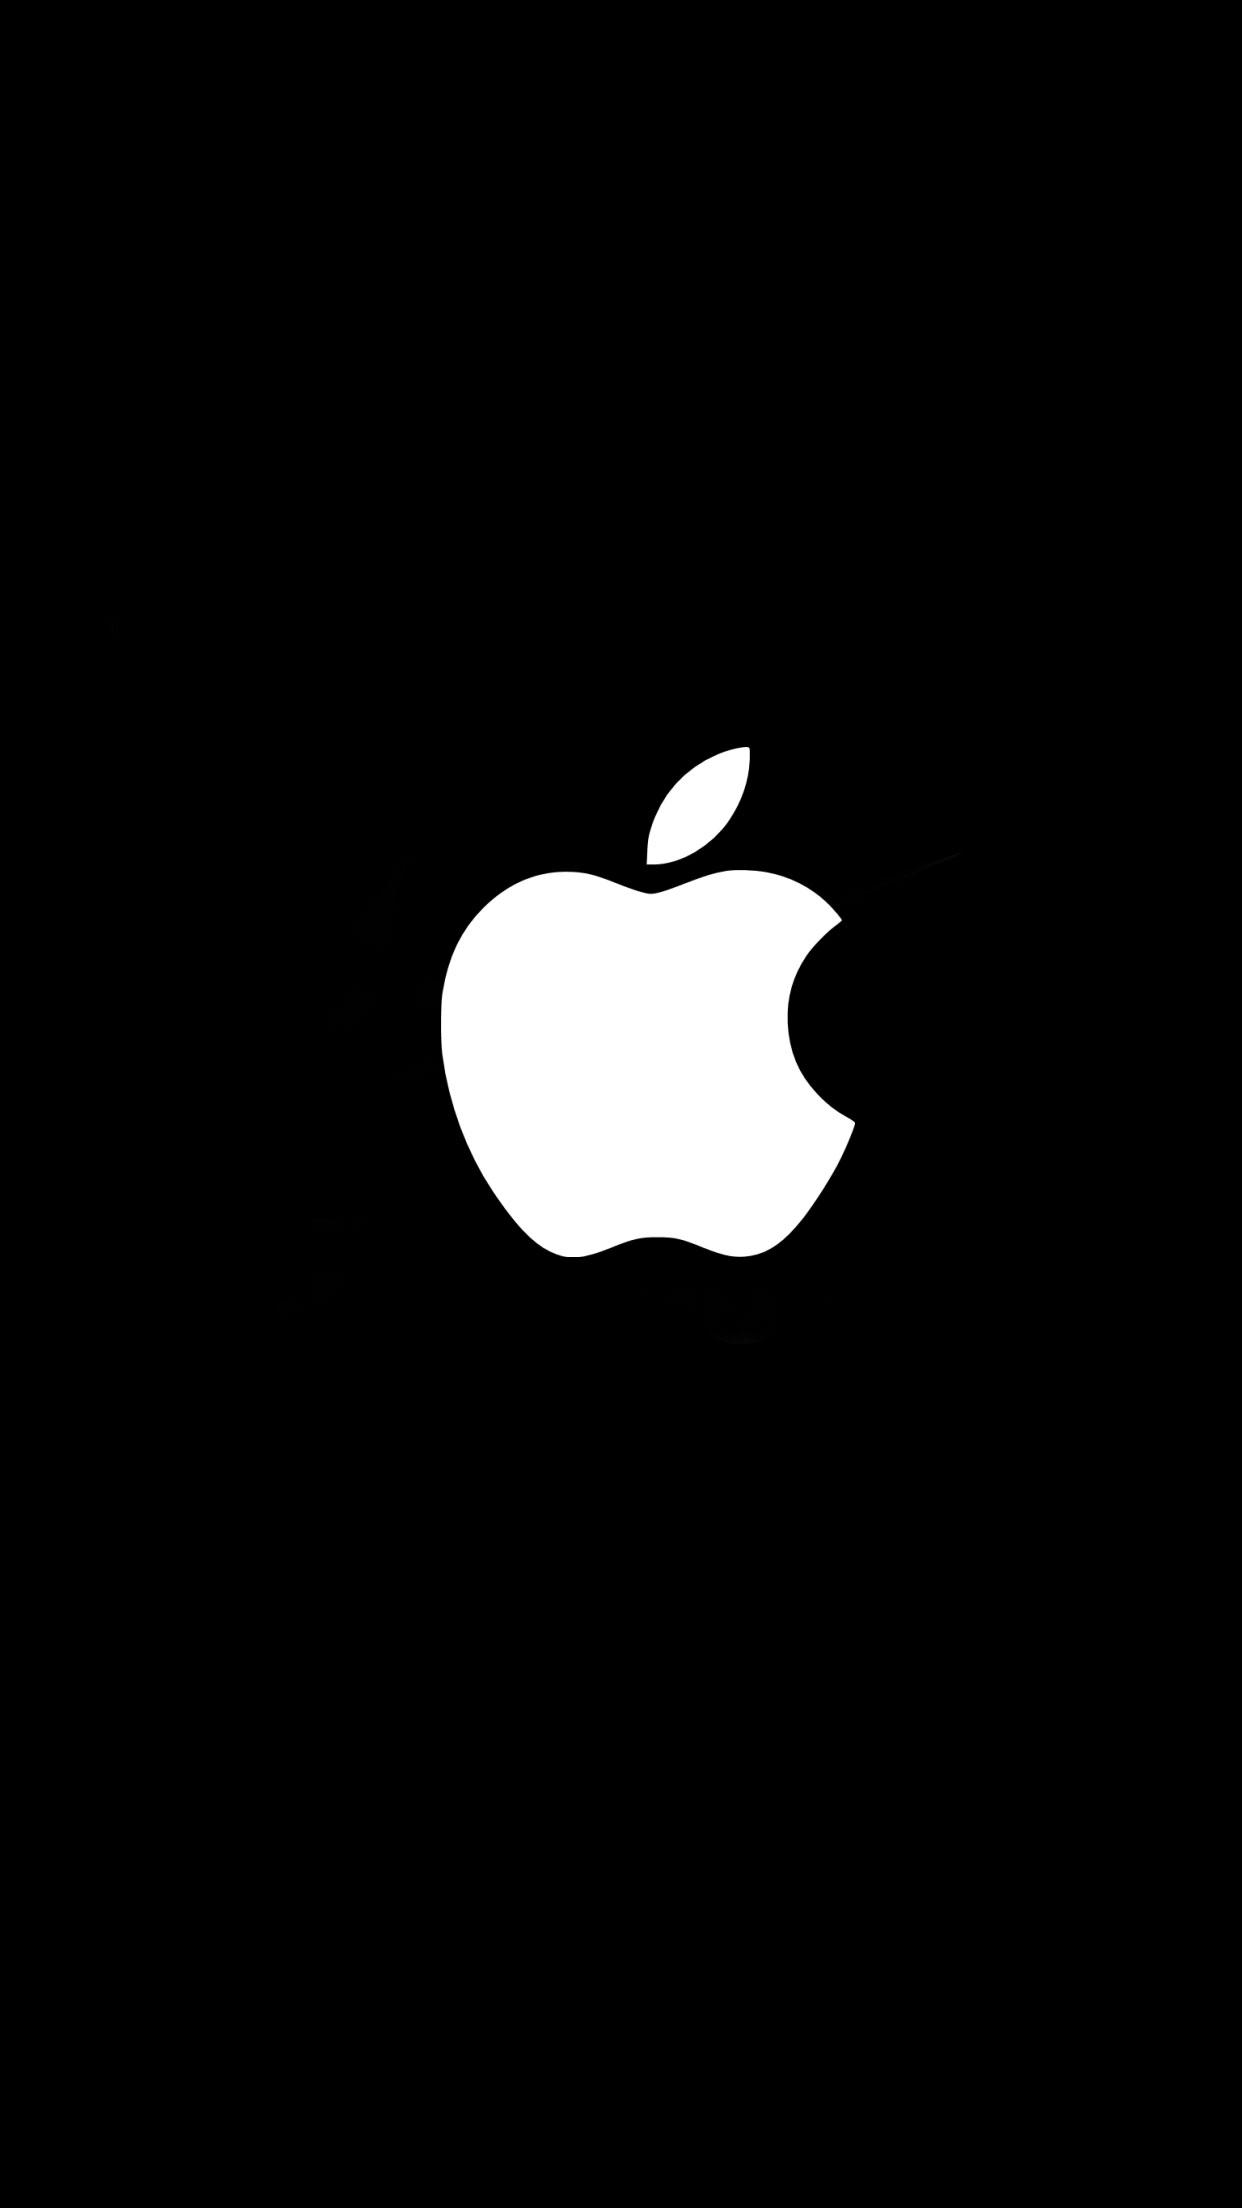 صور الخلفيات الاصلية ابل نظام Ios 7 للموبايل ايفون الاصدار 7 بلس